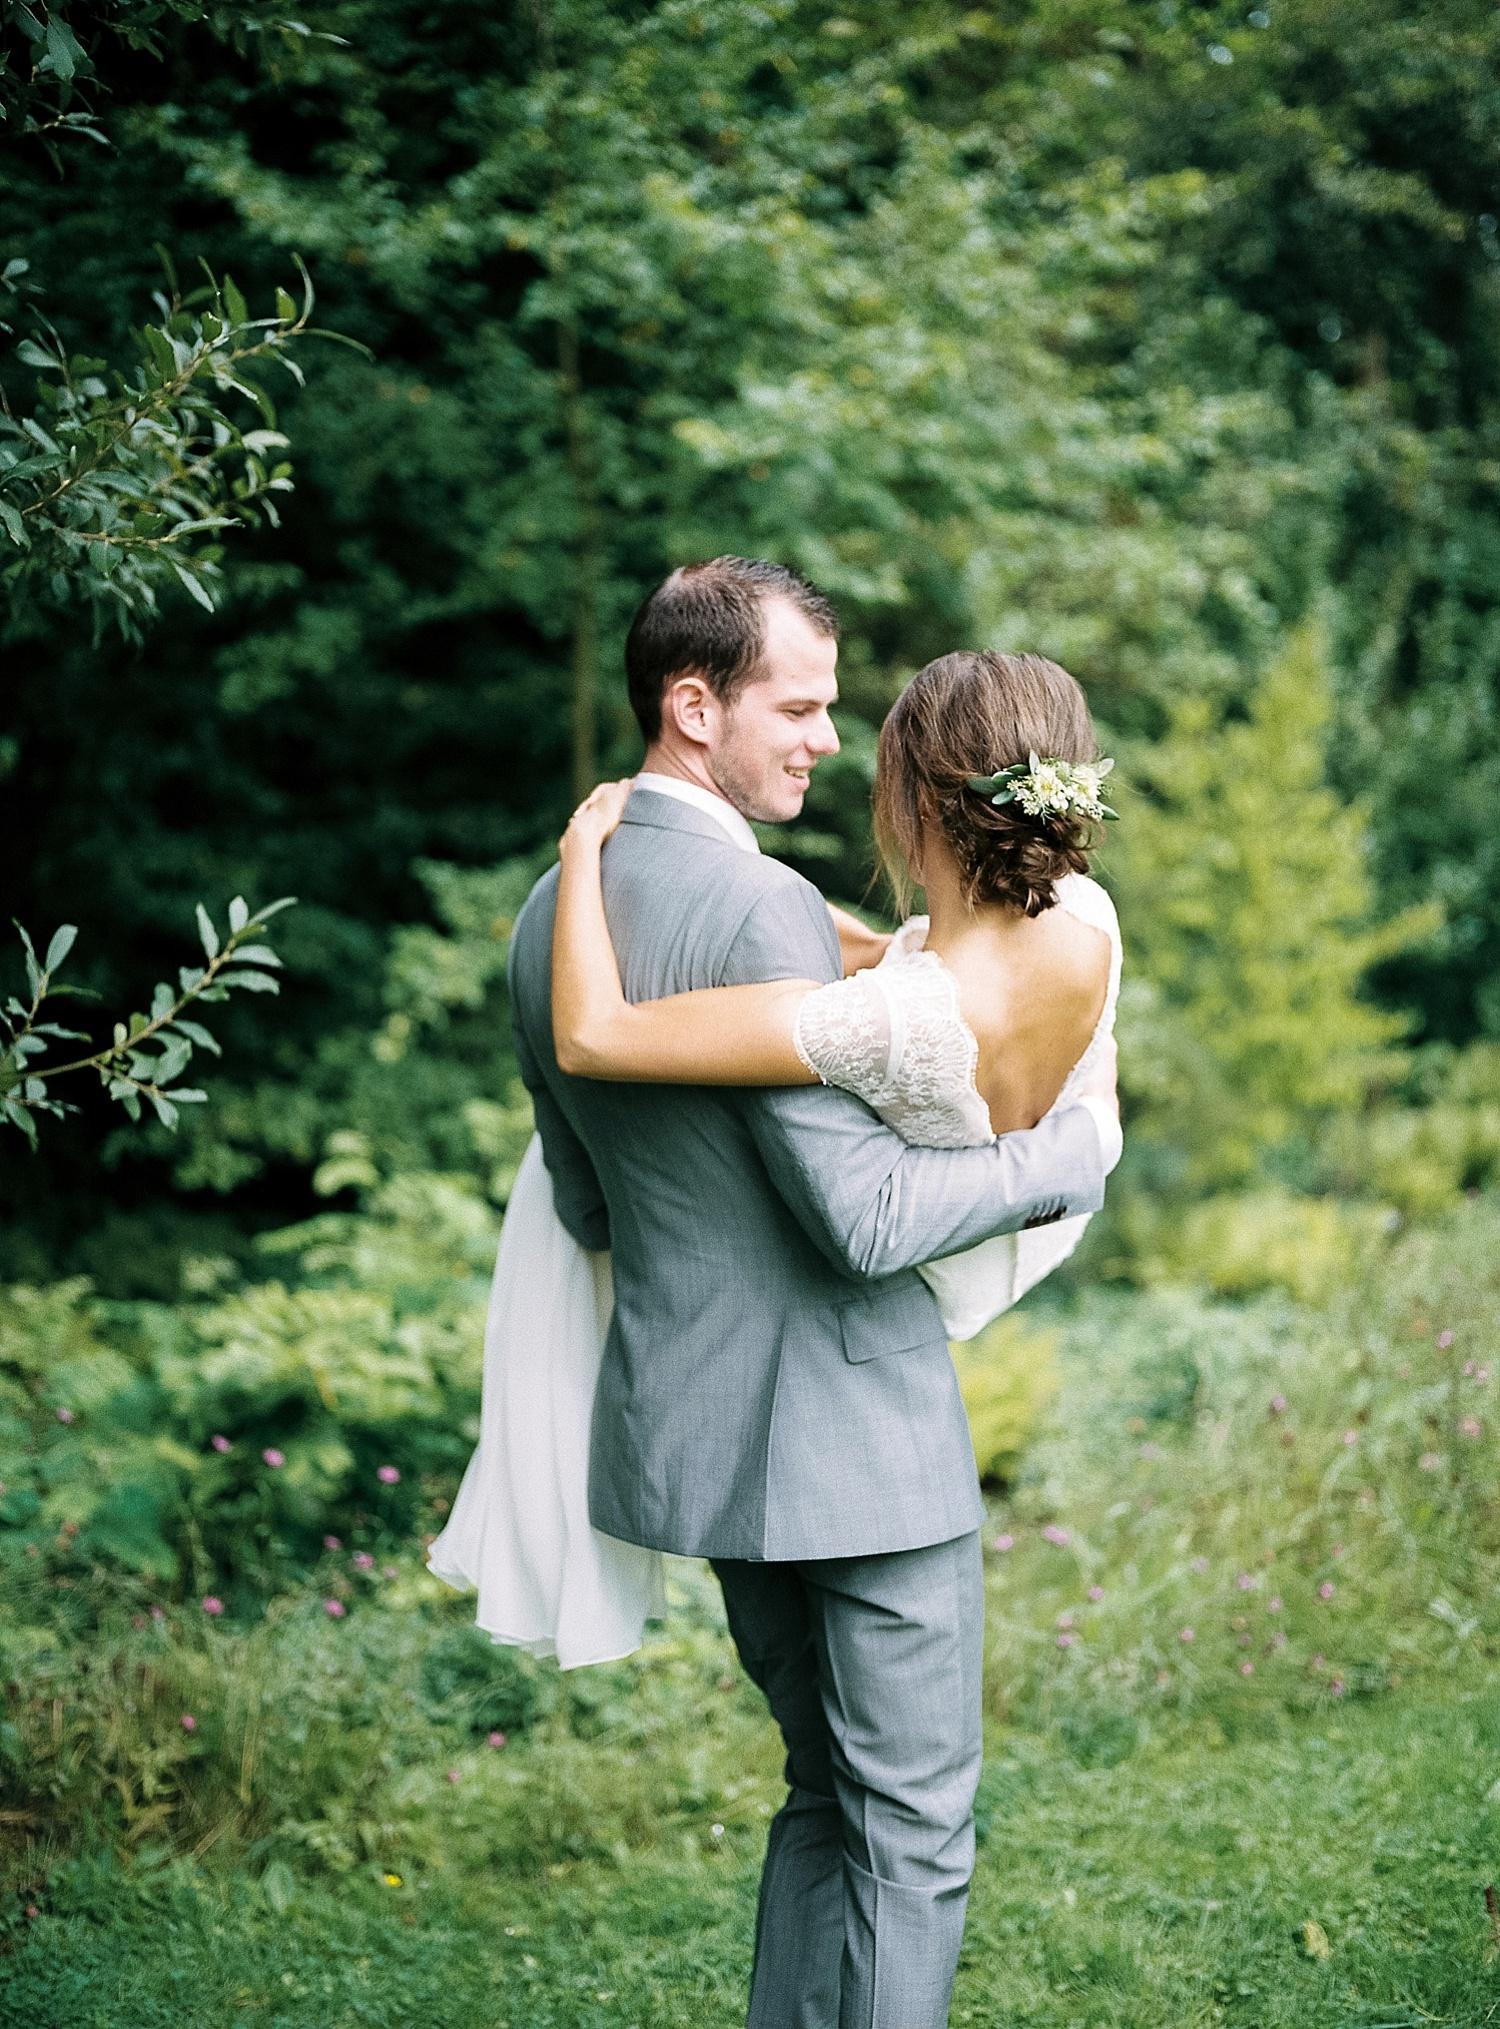 Romantisch Intieme Bruiloft Patrick Miranda | Trouwinspiratie | Hanke Arkenbout Photography 016